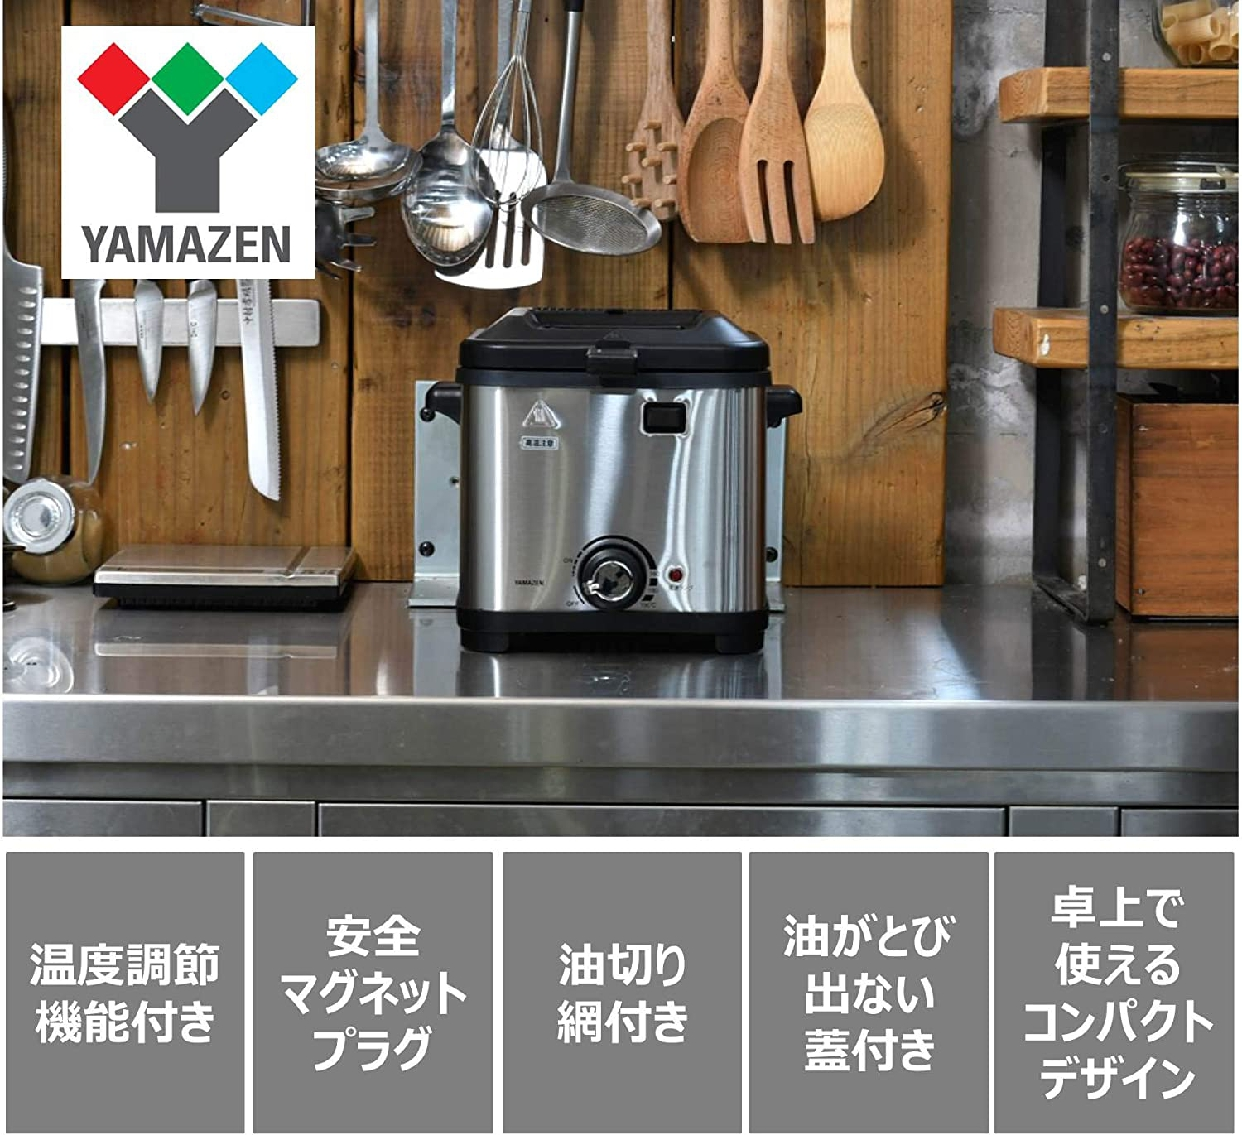 山善(YAMAZEN) 電気フライヤー  揚げ物の達人 YAD-F800(S)の商品画像2